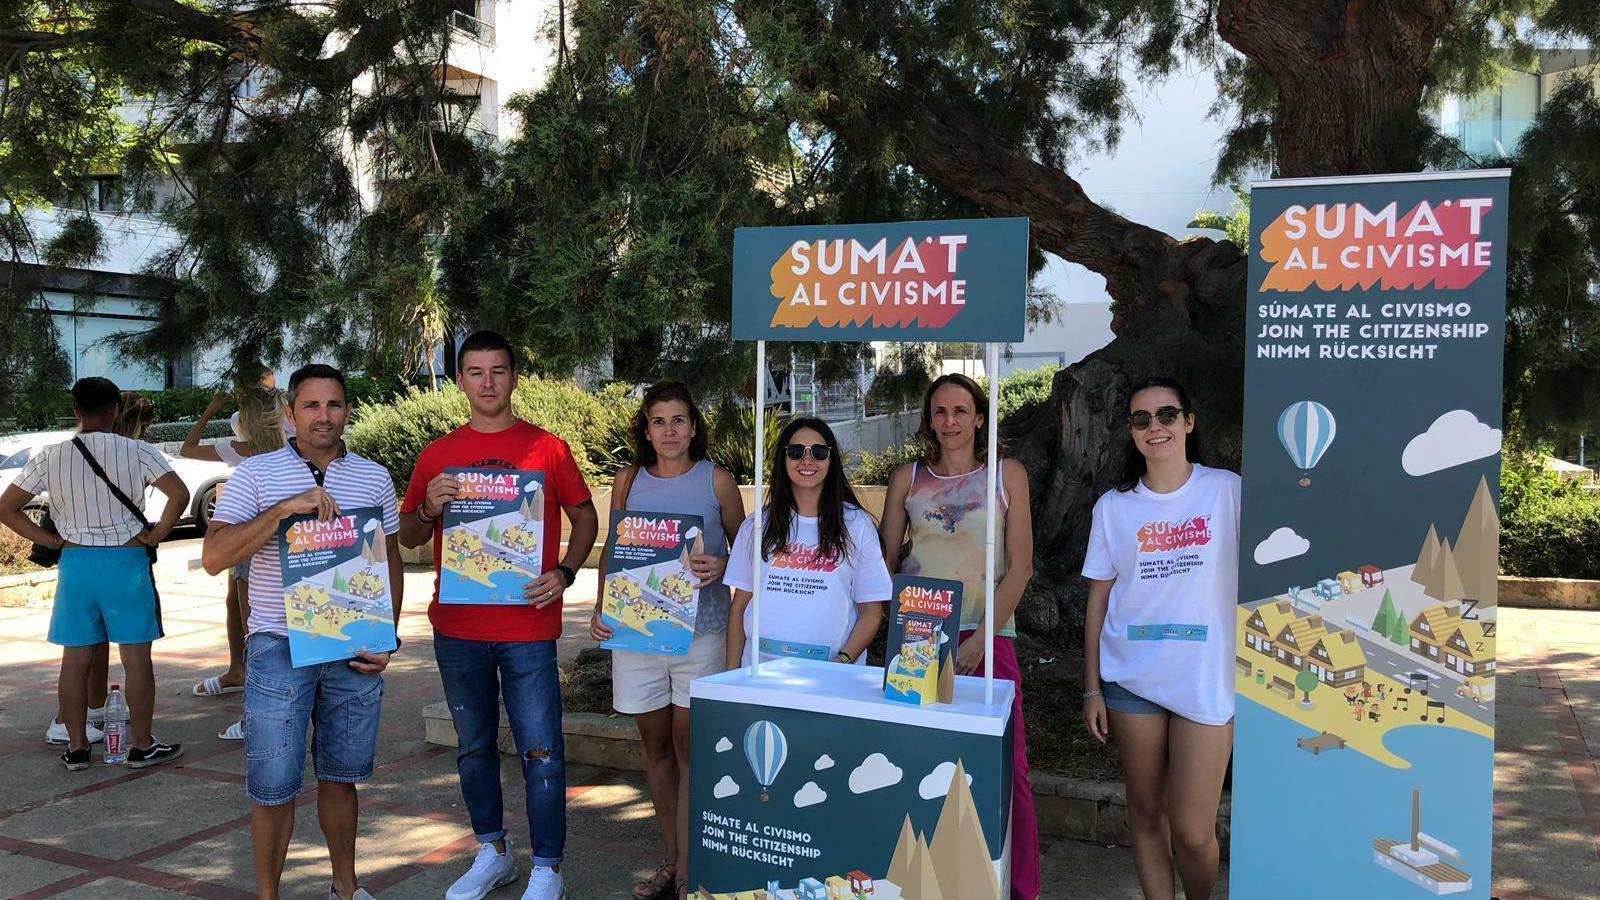 La campanya es fa en quatre idiomes: català, castellà, inglès i alemany.